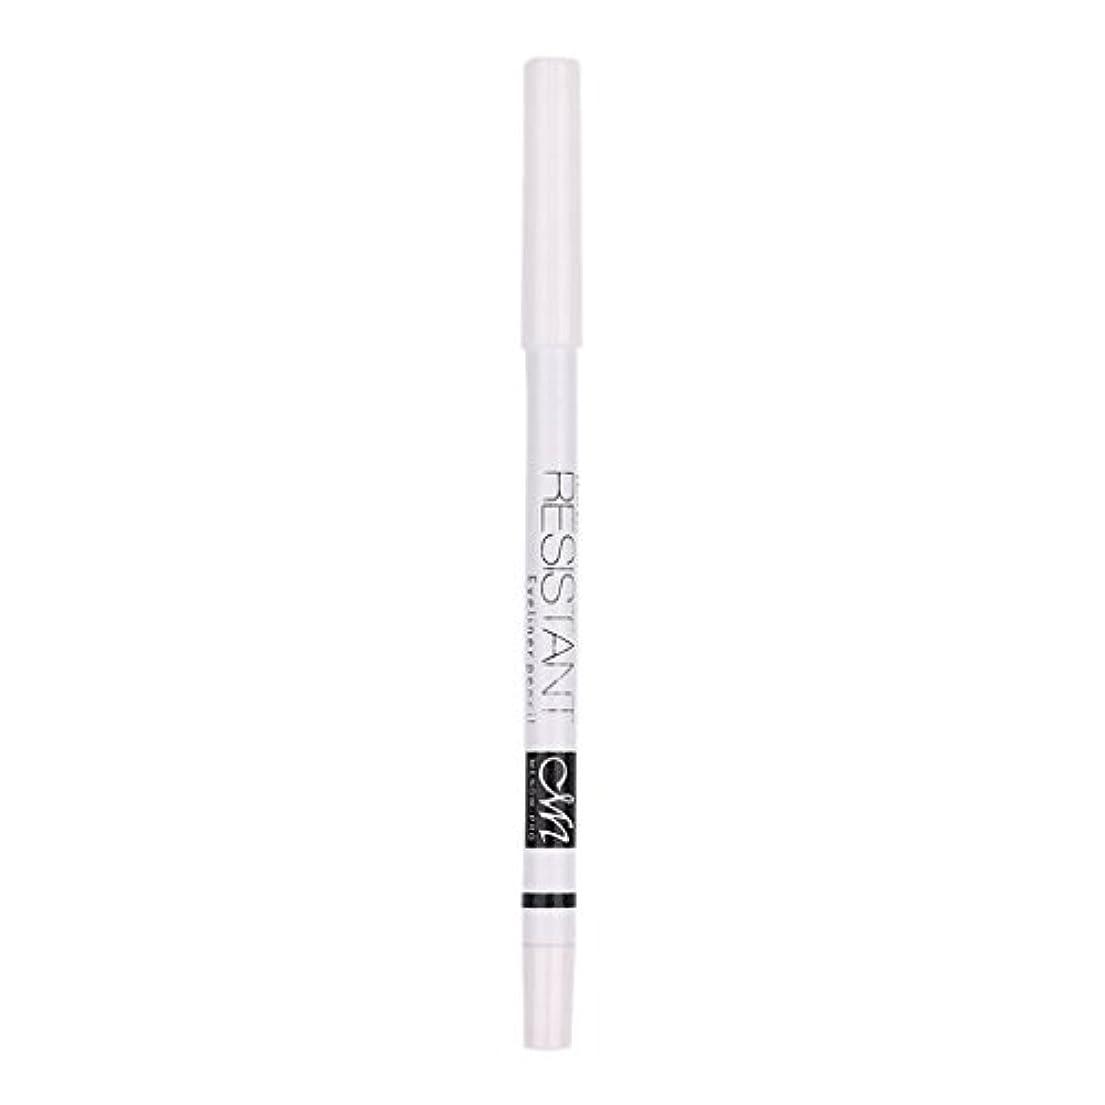 エクスタシー交響曲カブ美しい ハイライトスティック 粉 クリームペン 防水 顔 基礎 メイクアップ スティック ファッション おしゃれ